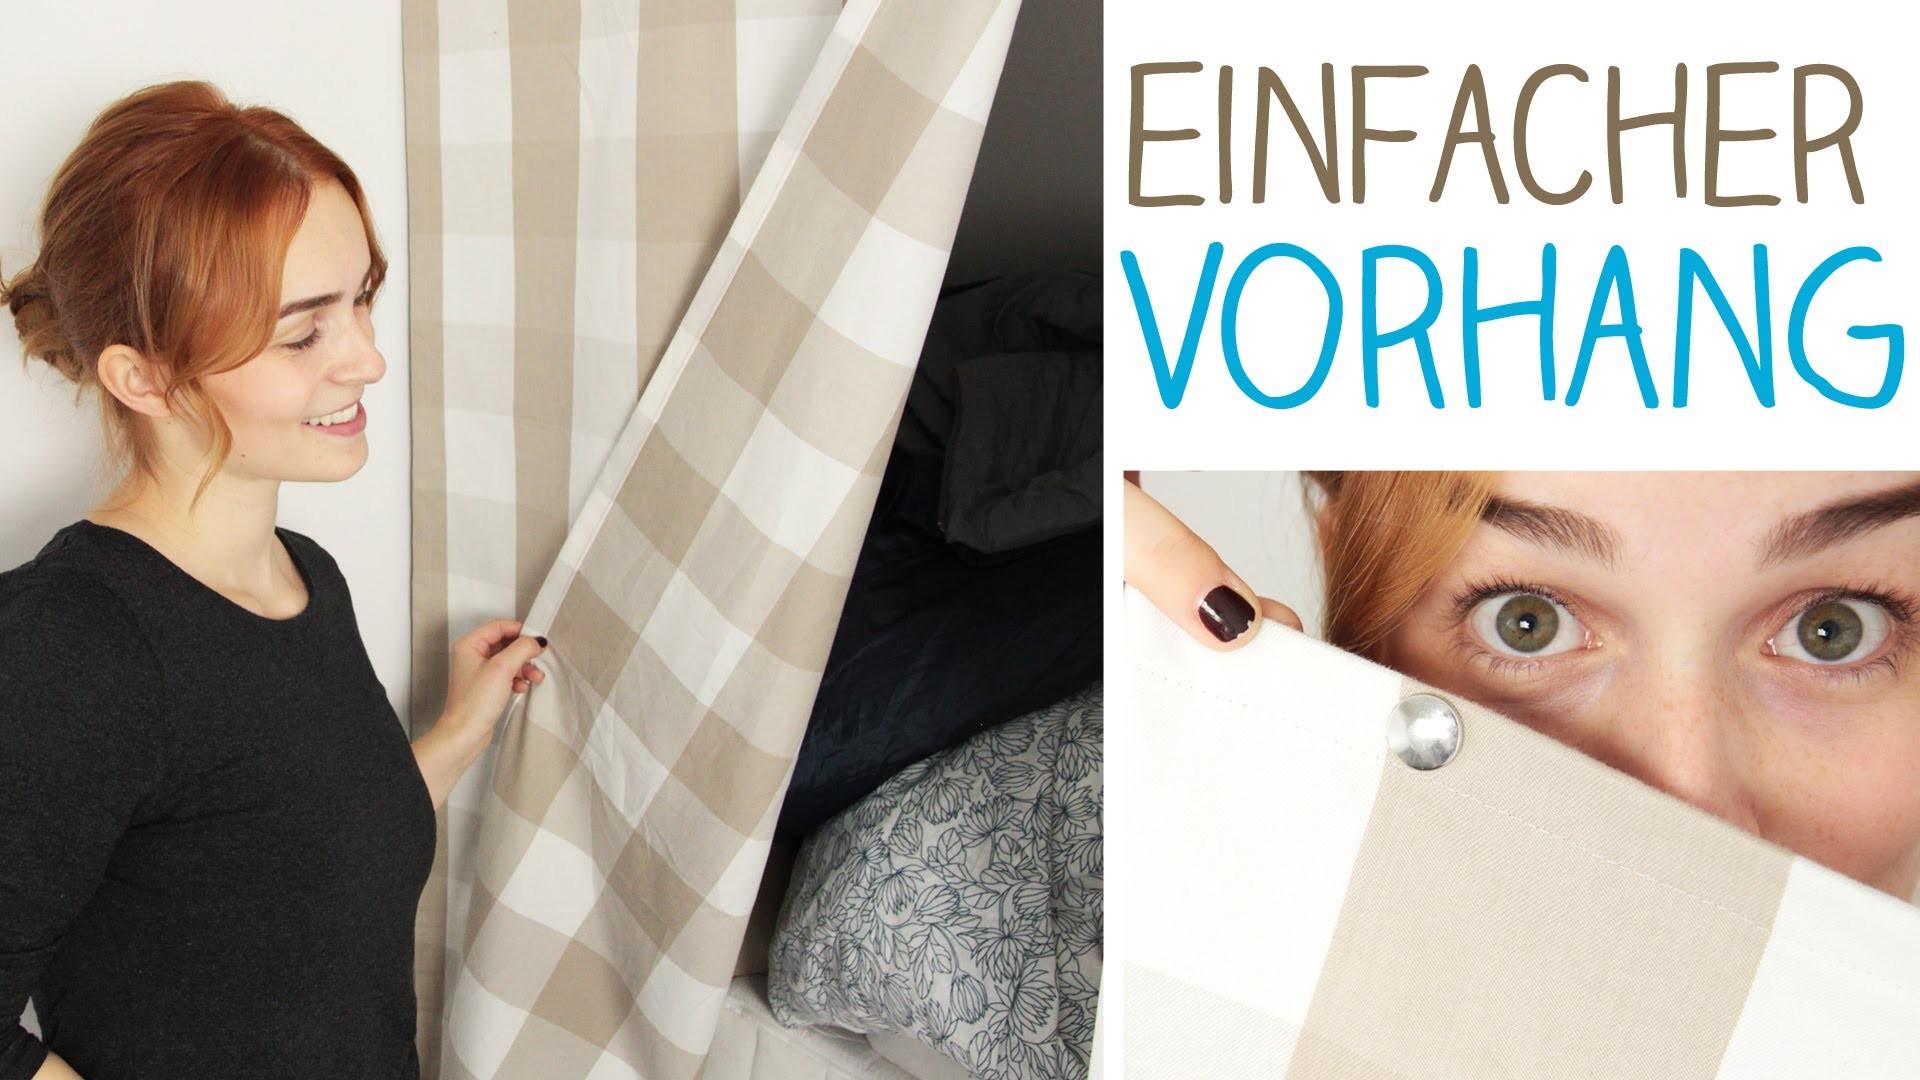 DIY Vorhang mit Druckknöpfen anbringen? ohne Stange.Schiene - Nische verstecken - Briefecke nähen